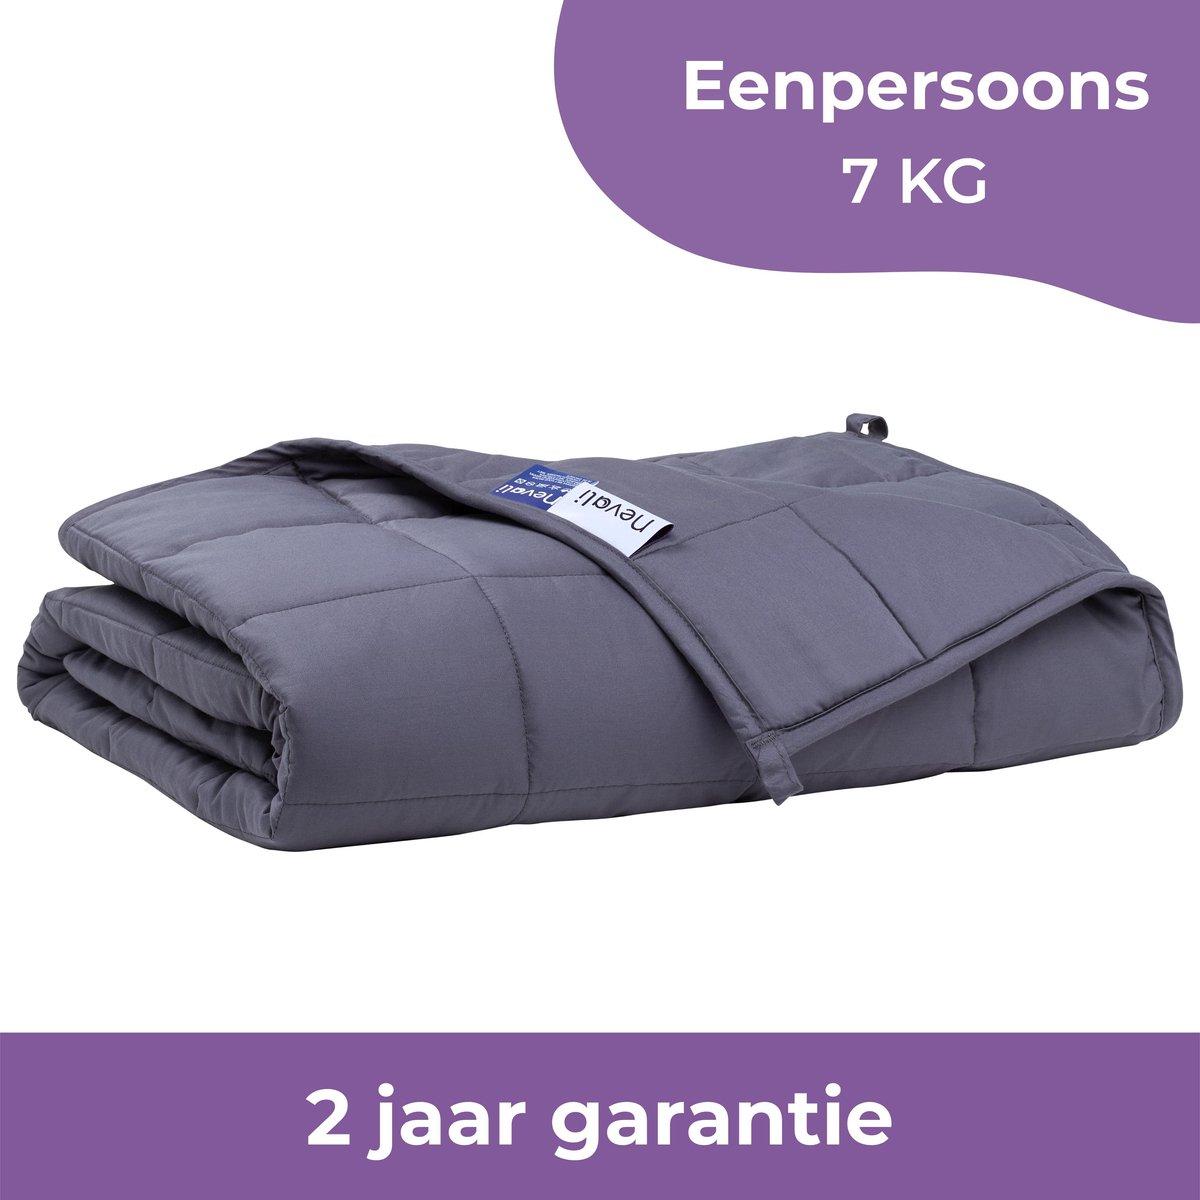 Nevali  Verzwaringsdeken 7 kg - Te gebruiken met je eigen dekbedovertrek - Verzwaarde Deken - Weight